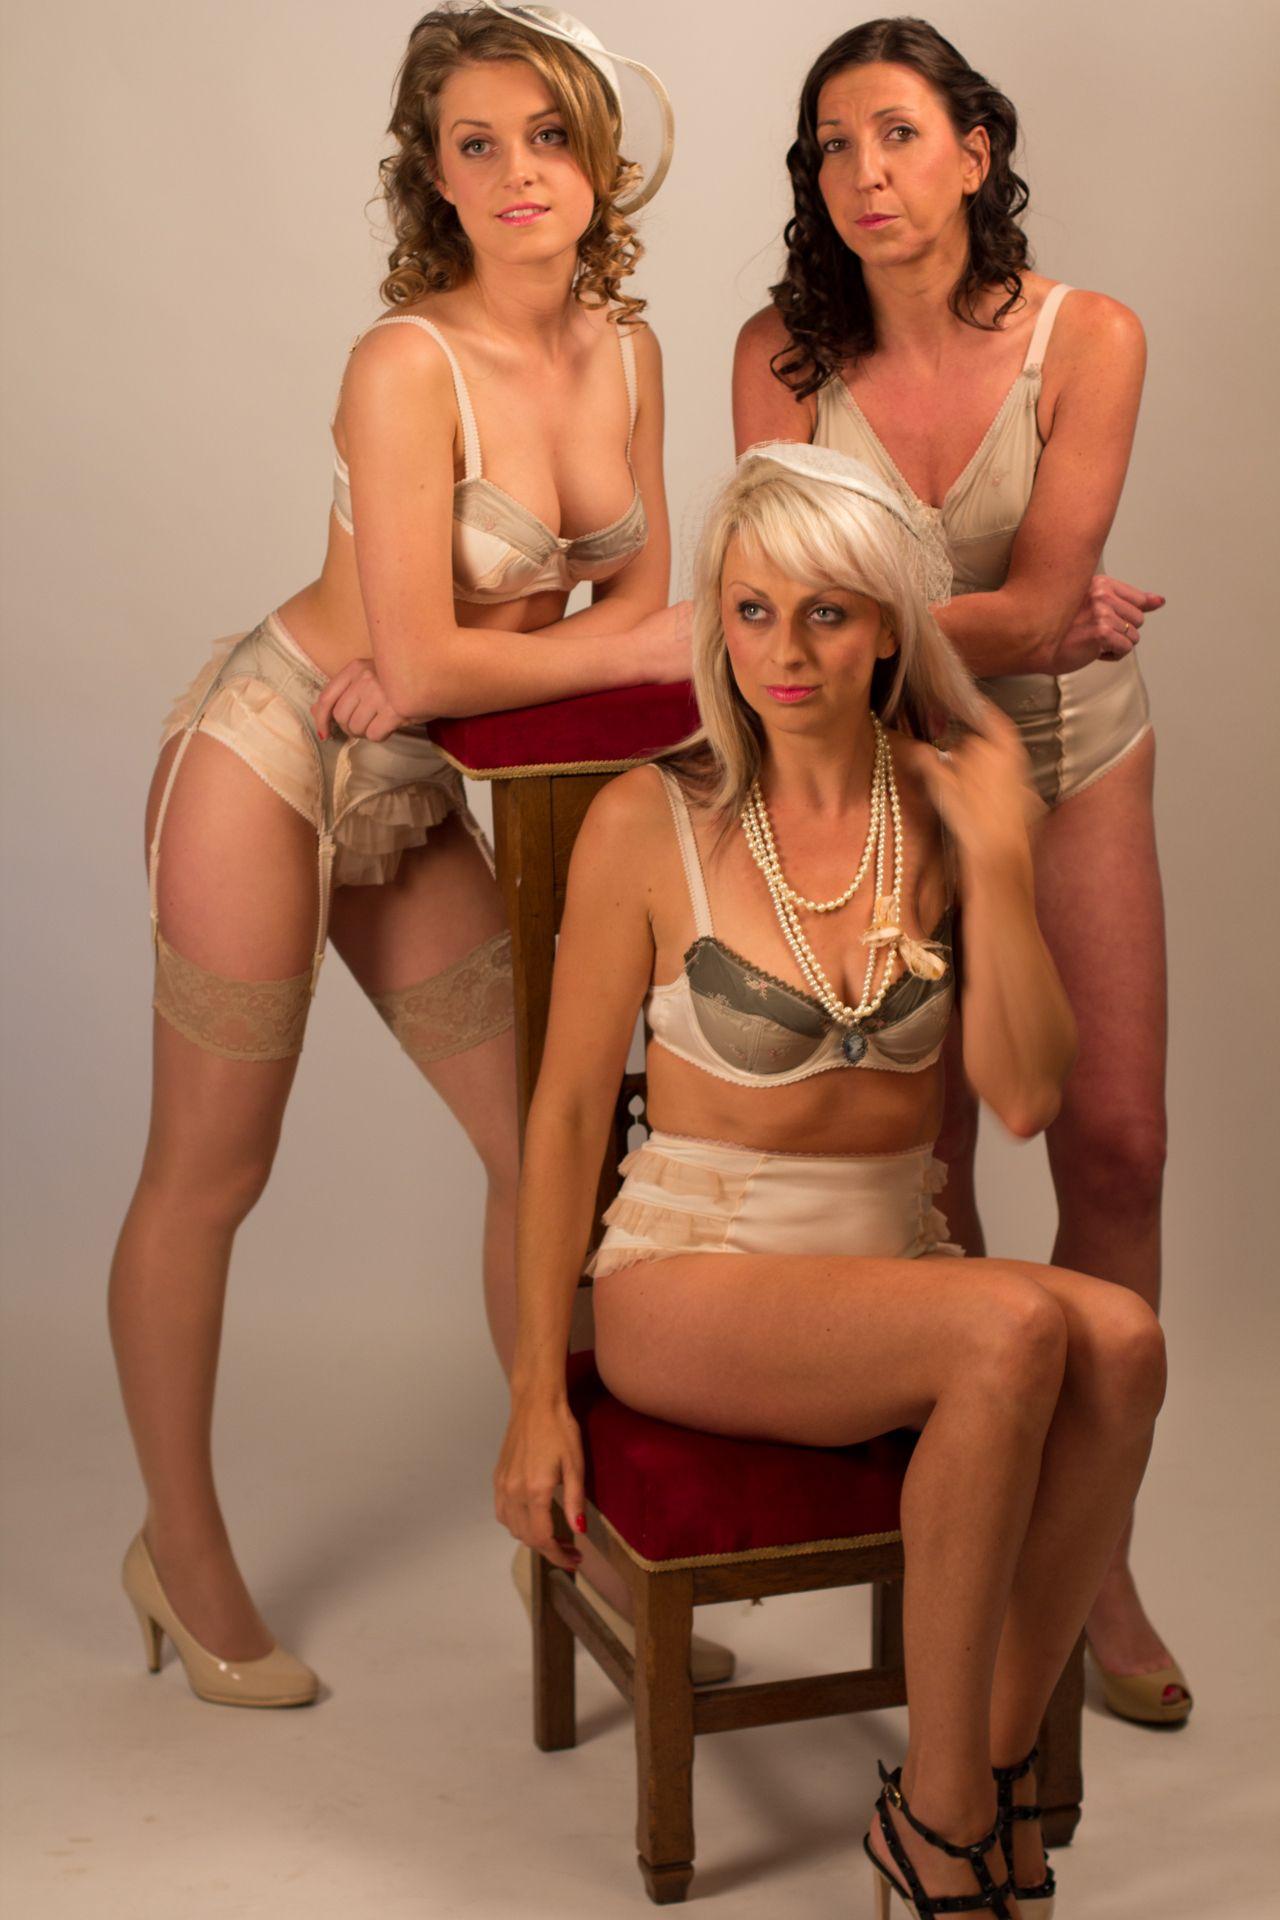 1ste jaar opleiding Vervaardiger van lingerie ...